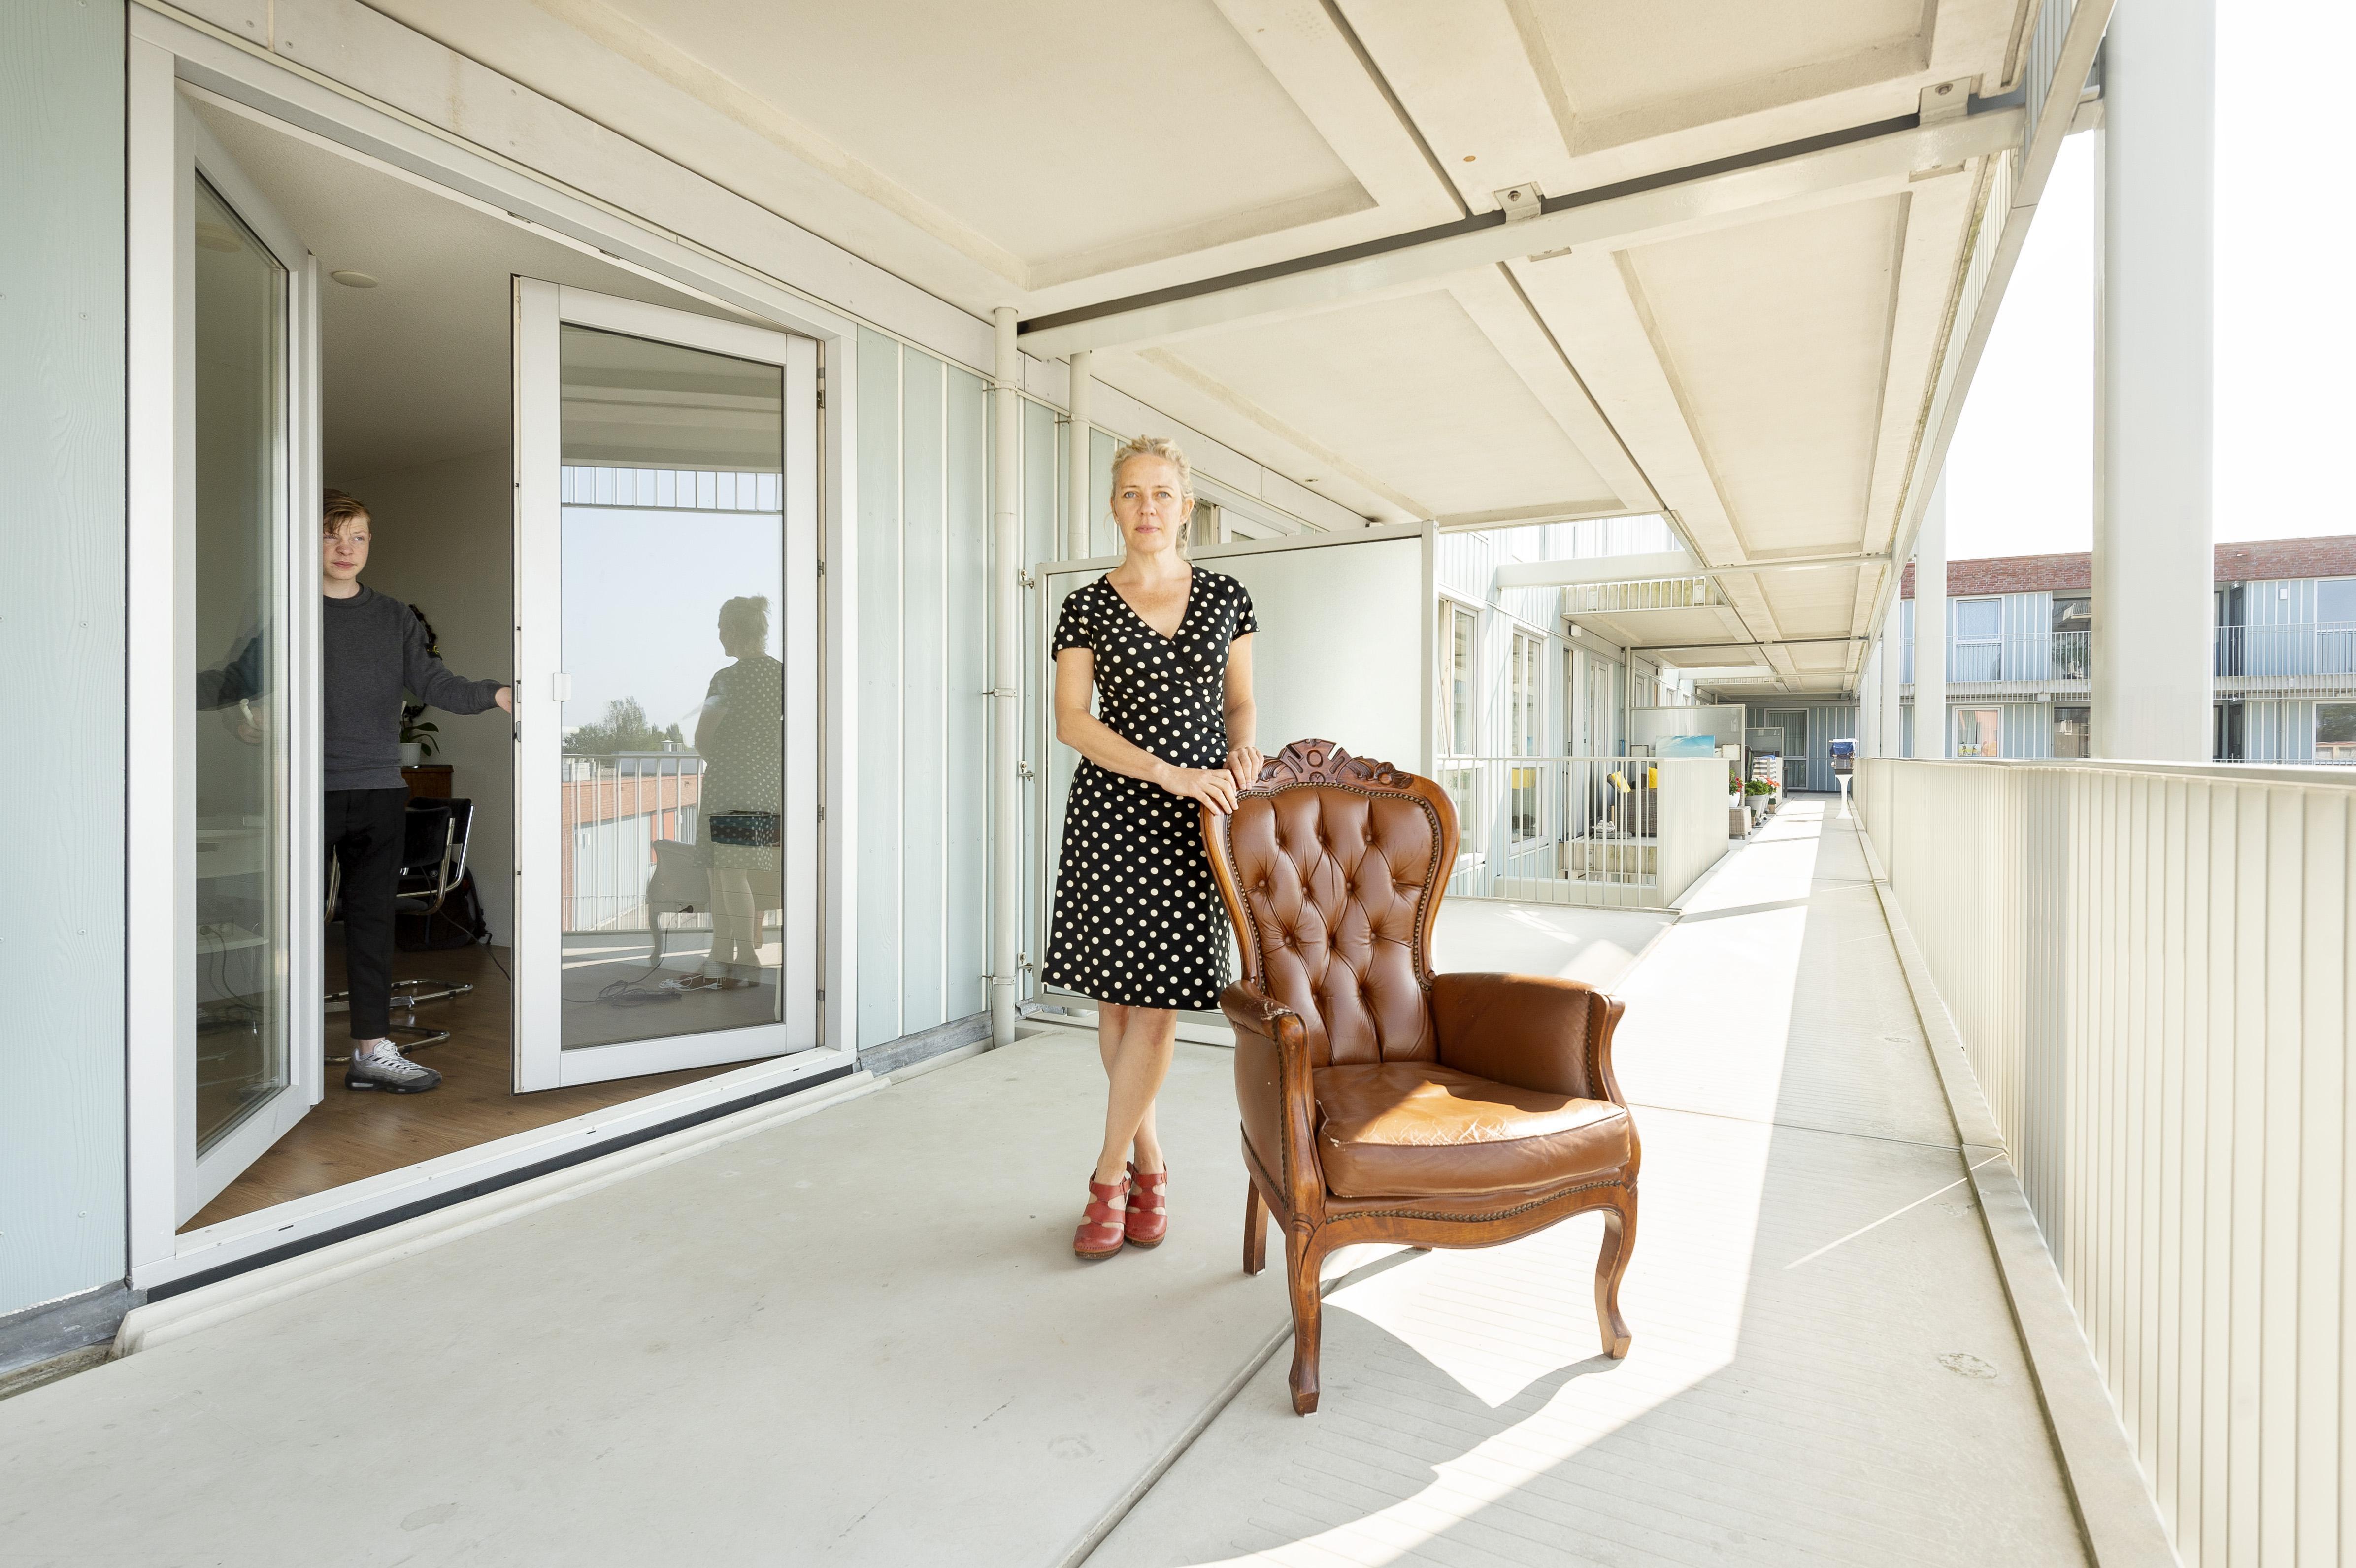 Nieuwe stadsfotograaf Leonie van der Helm is benieuwd naar uw huis: 'Ik wil weten wat thuis betekent'